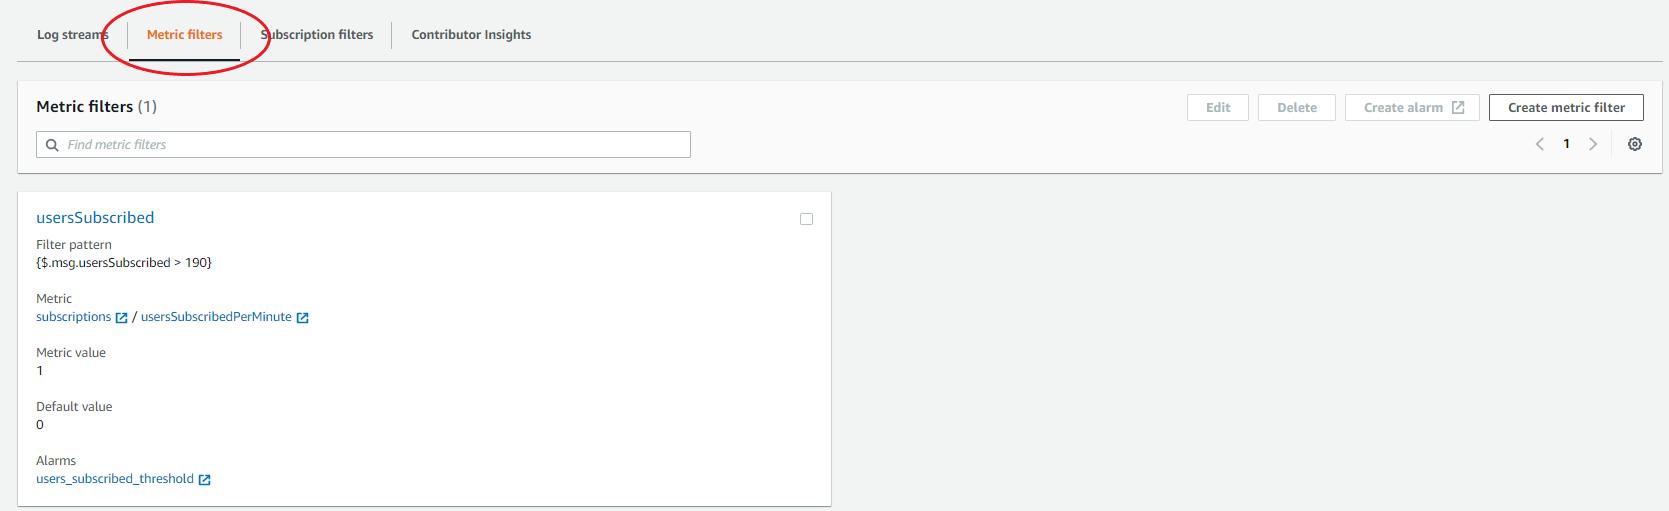 editing metric filters